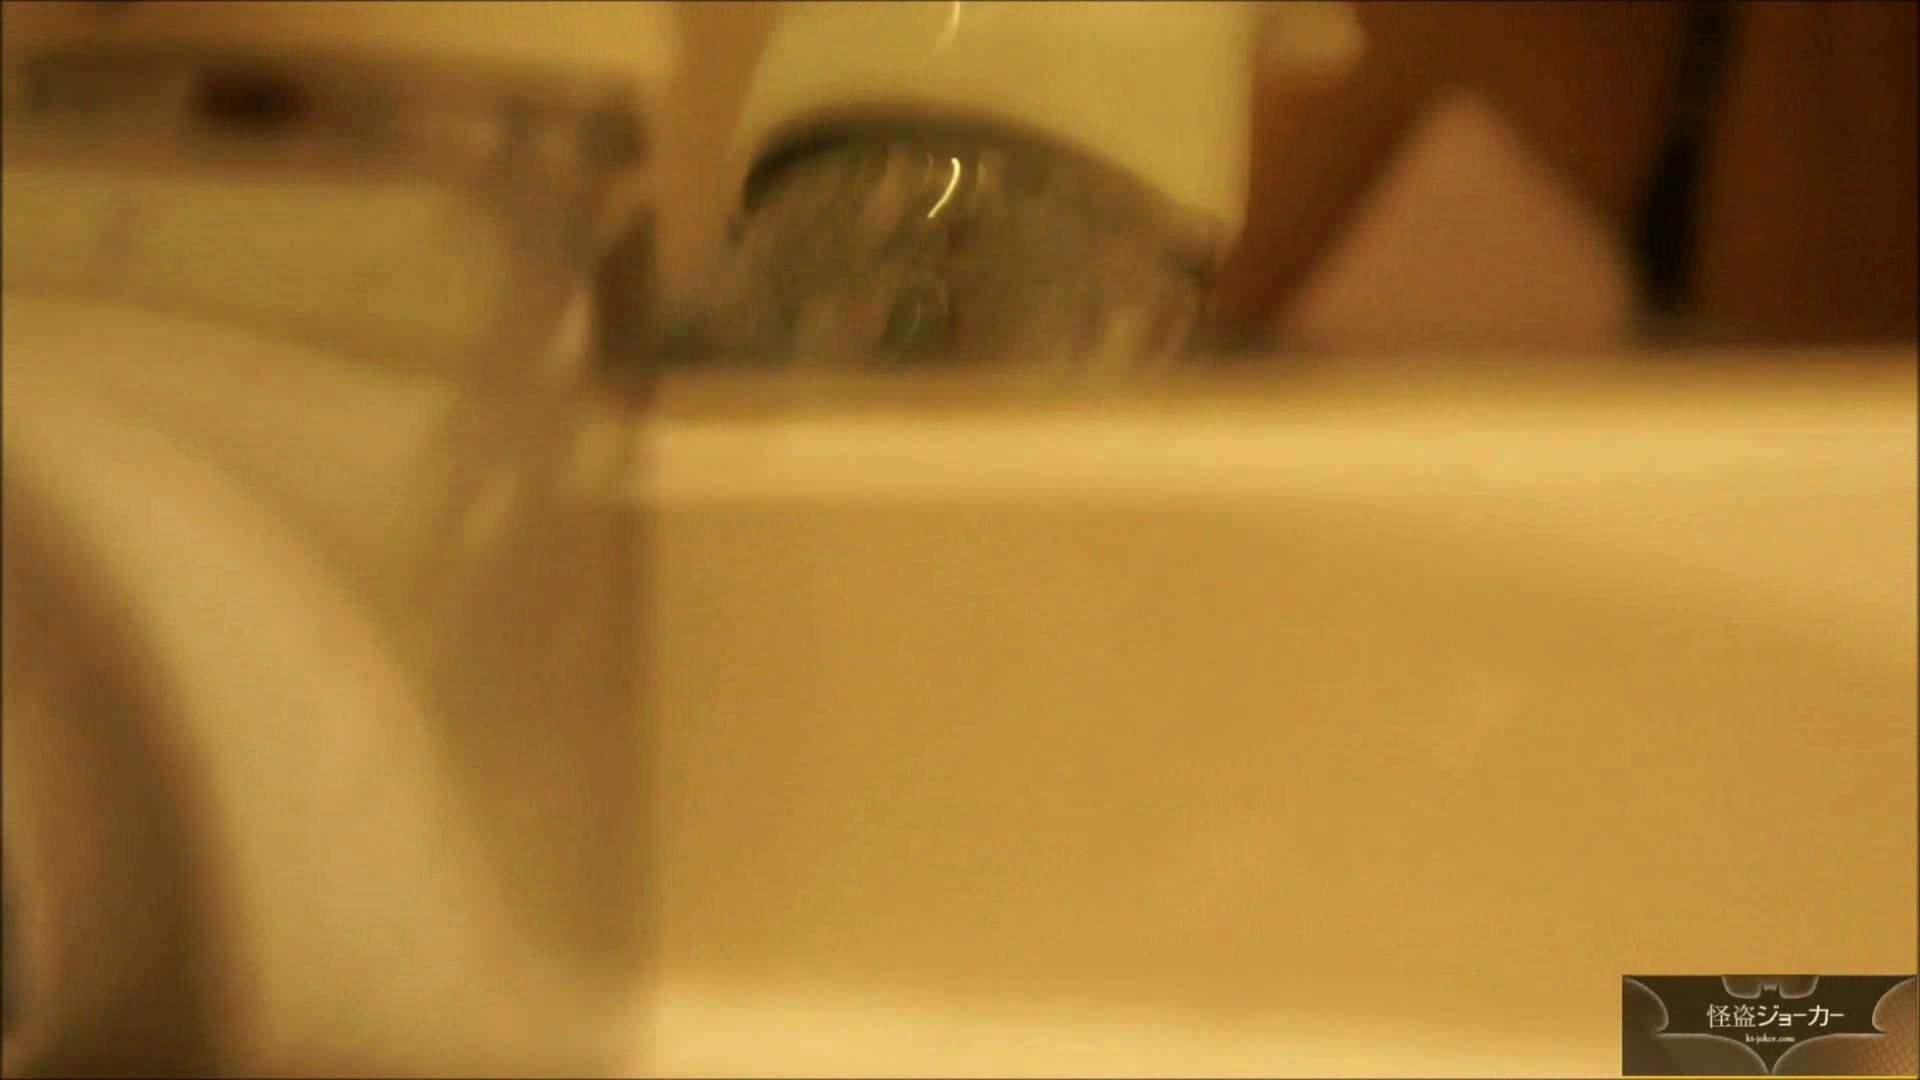 【未公開】vol.36 【援助】鏡越しの朋葉を見ながら・・・ いじくり | 高画質  88枚 56